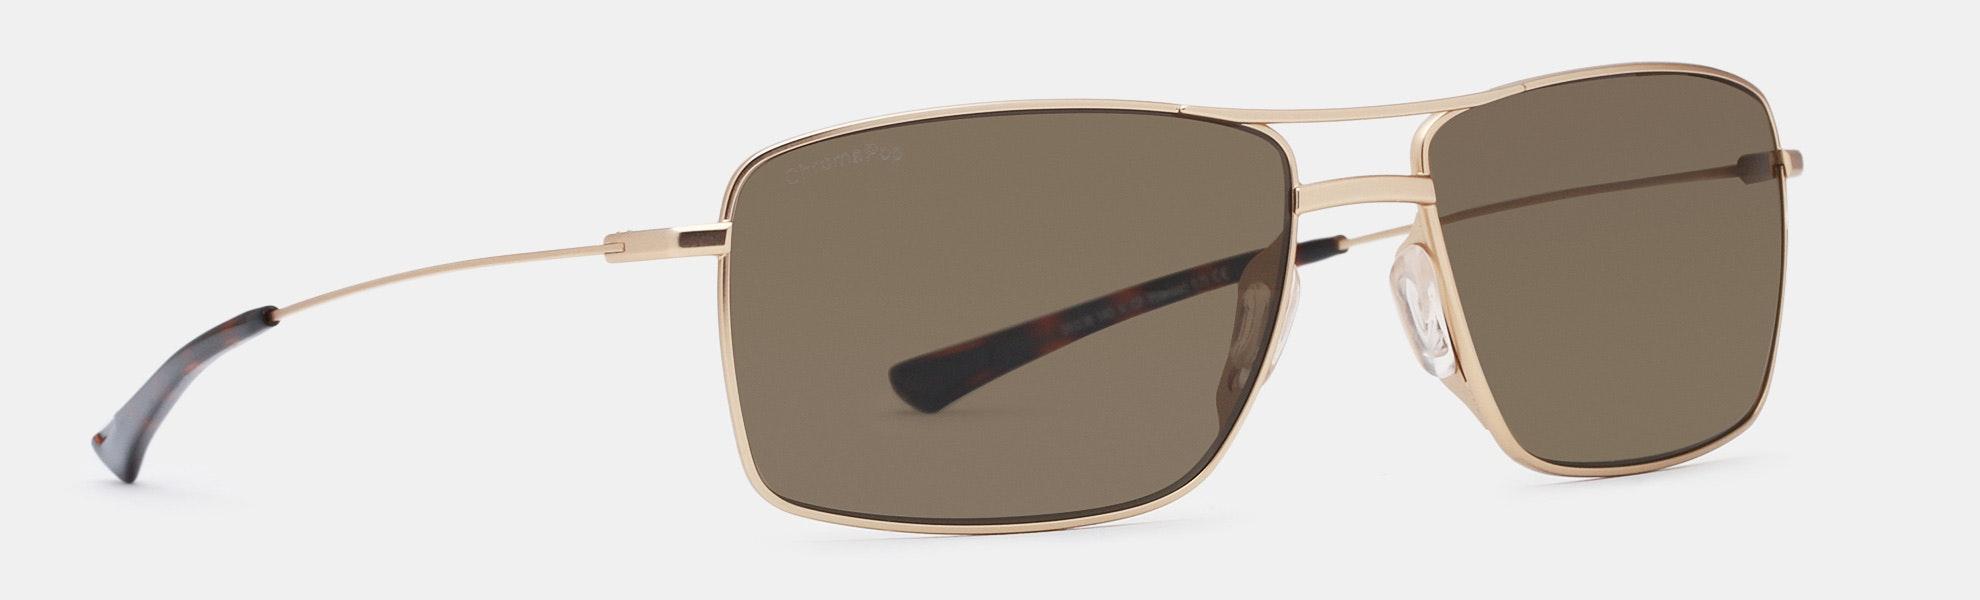 Smith Optics Turner Polarized Sunglasses